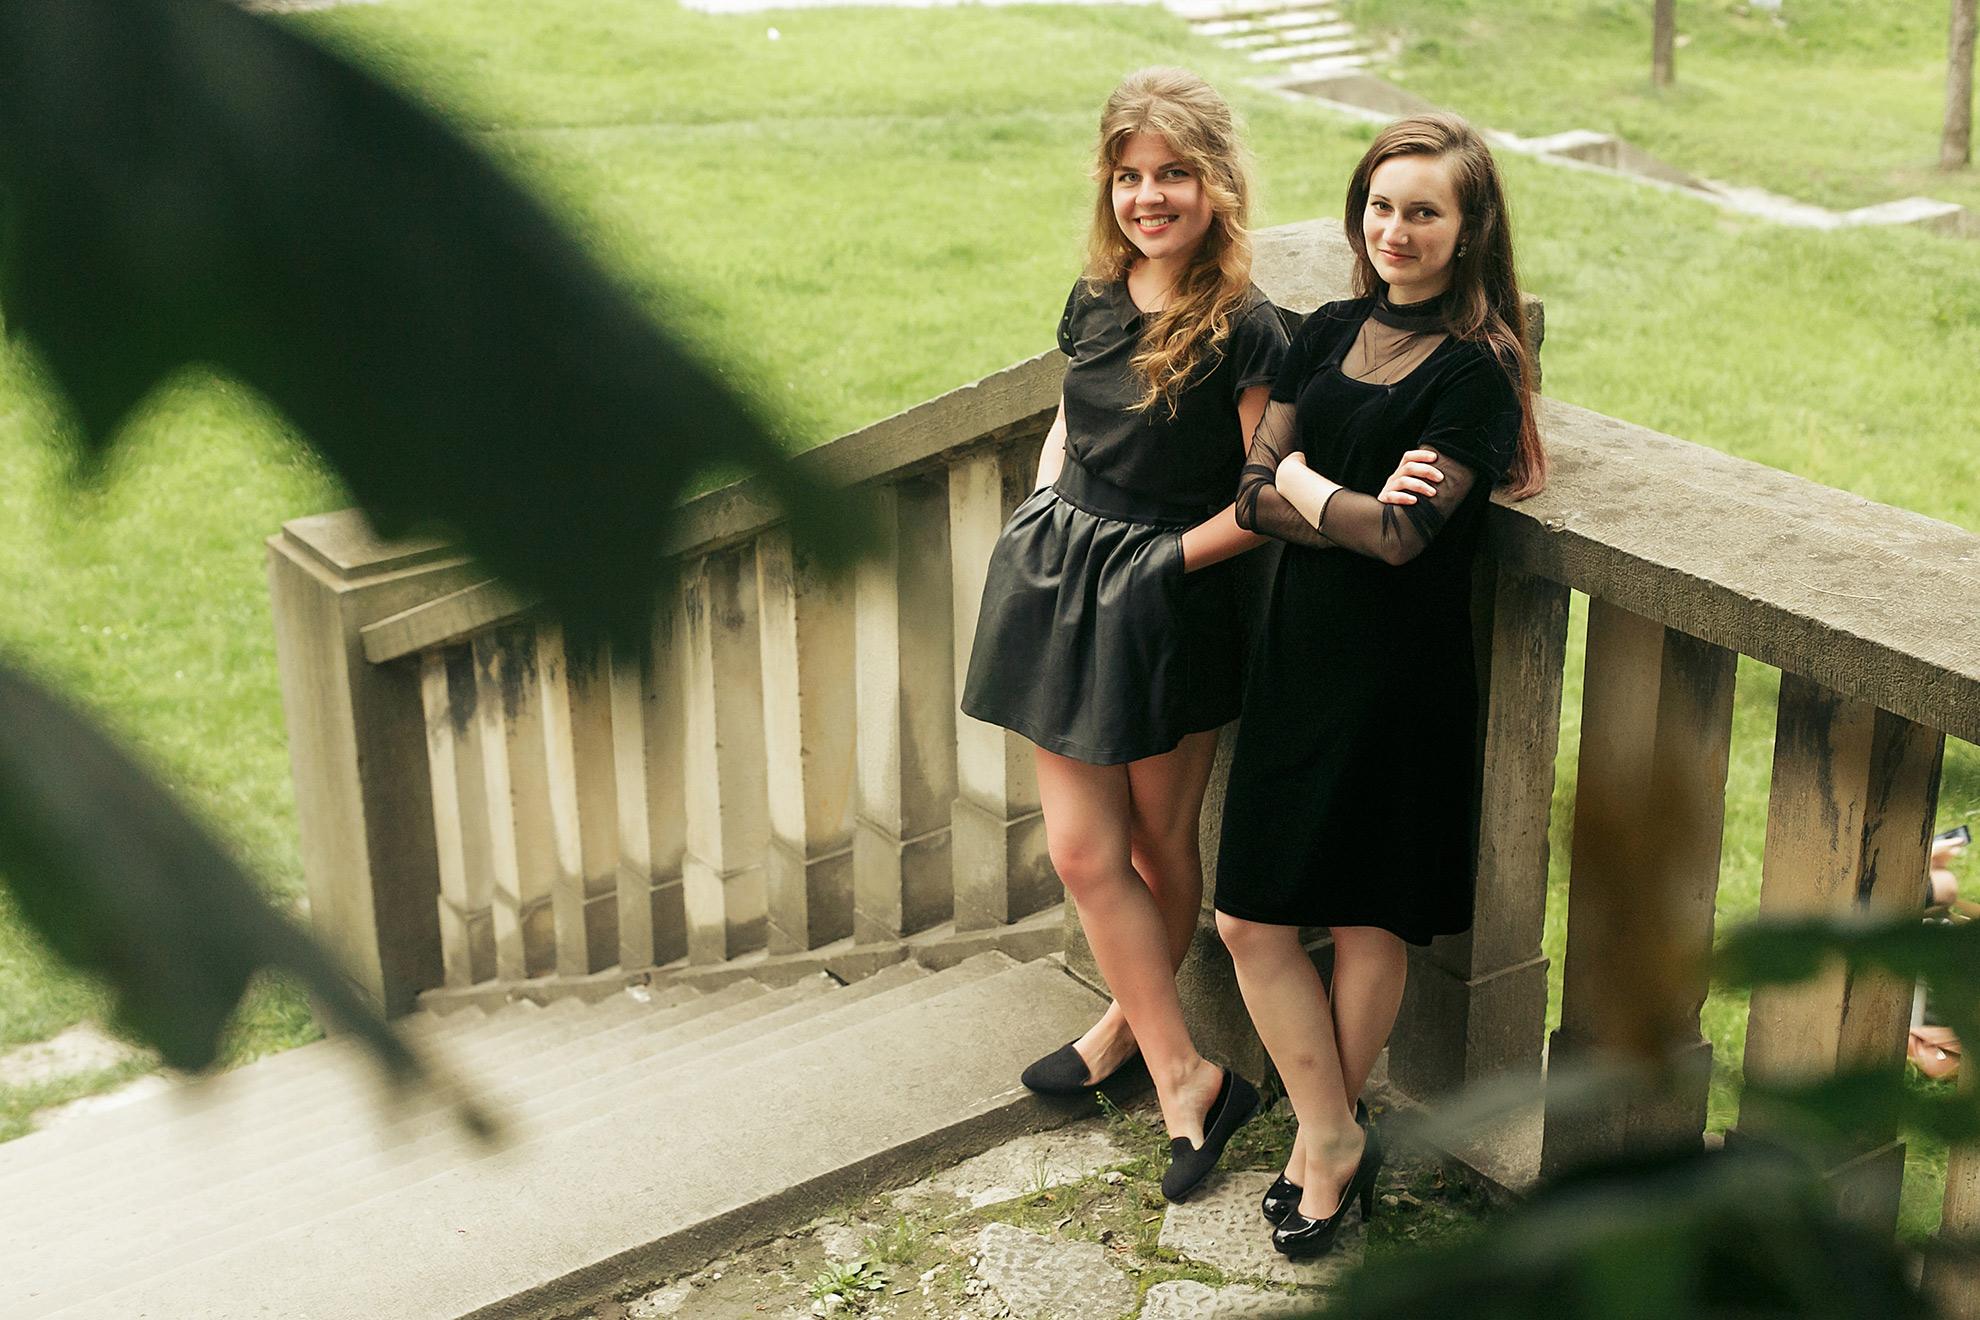 Kobiety w czarnych ubraniach, ilustracja do artykułu o praniu czarnych ubrań